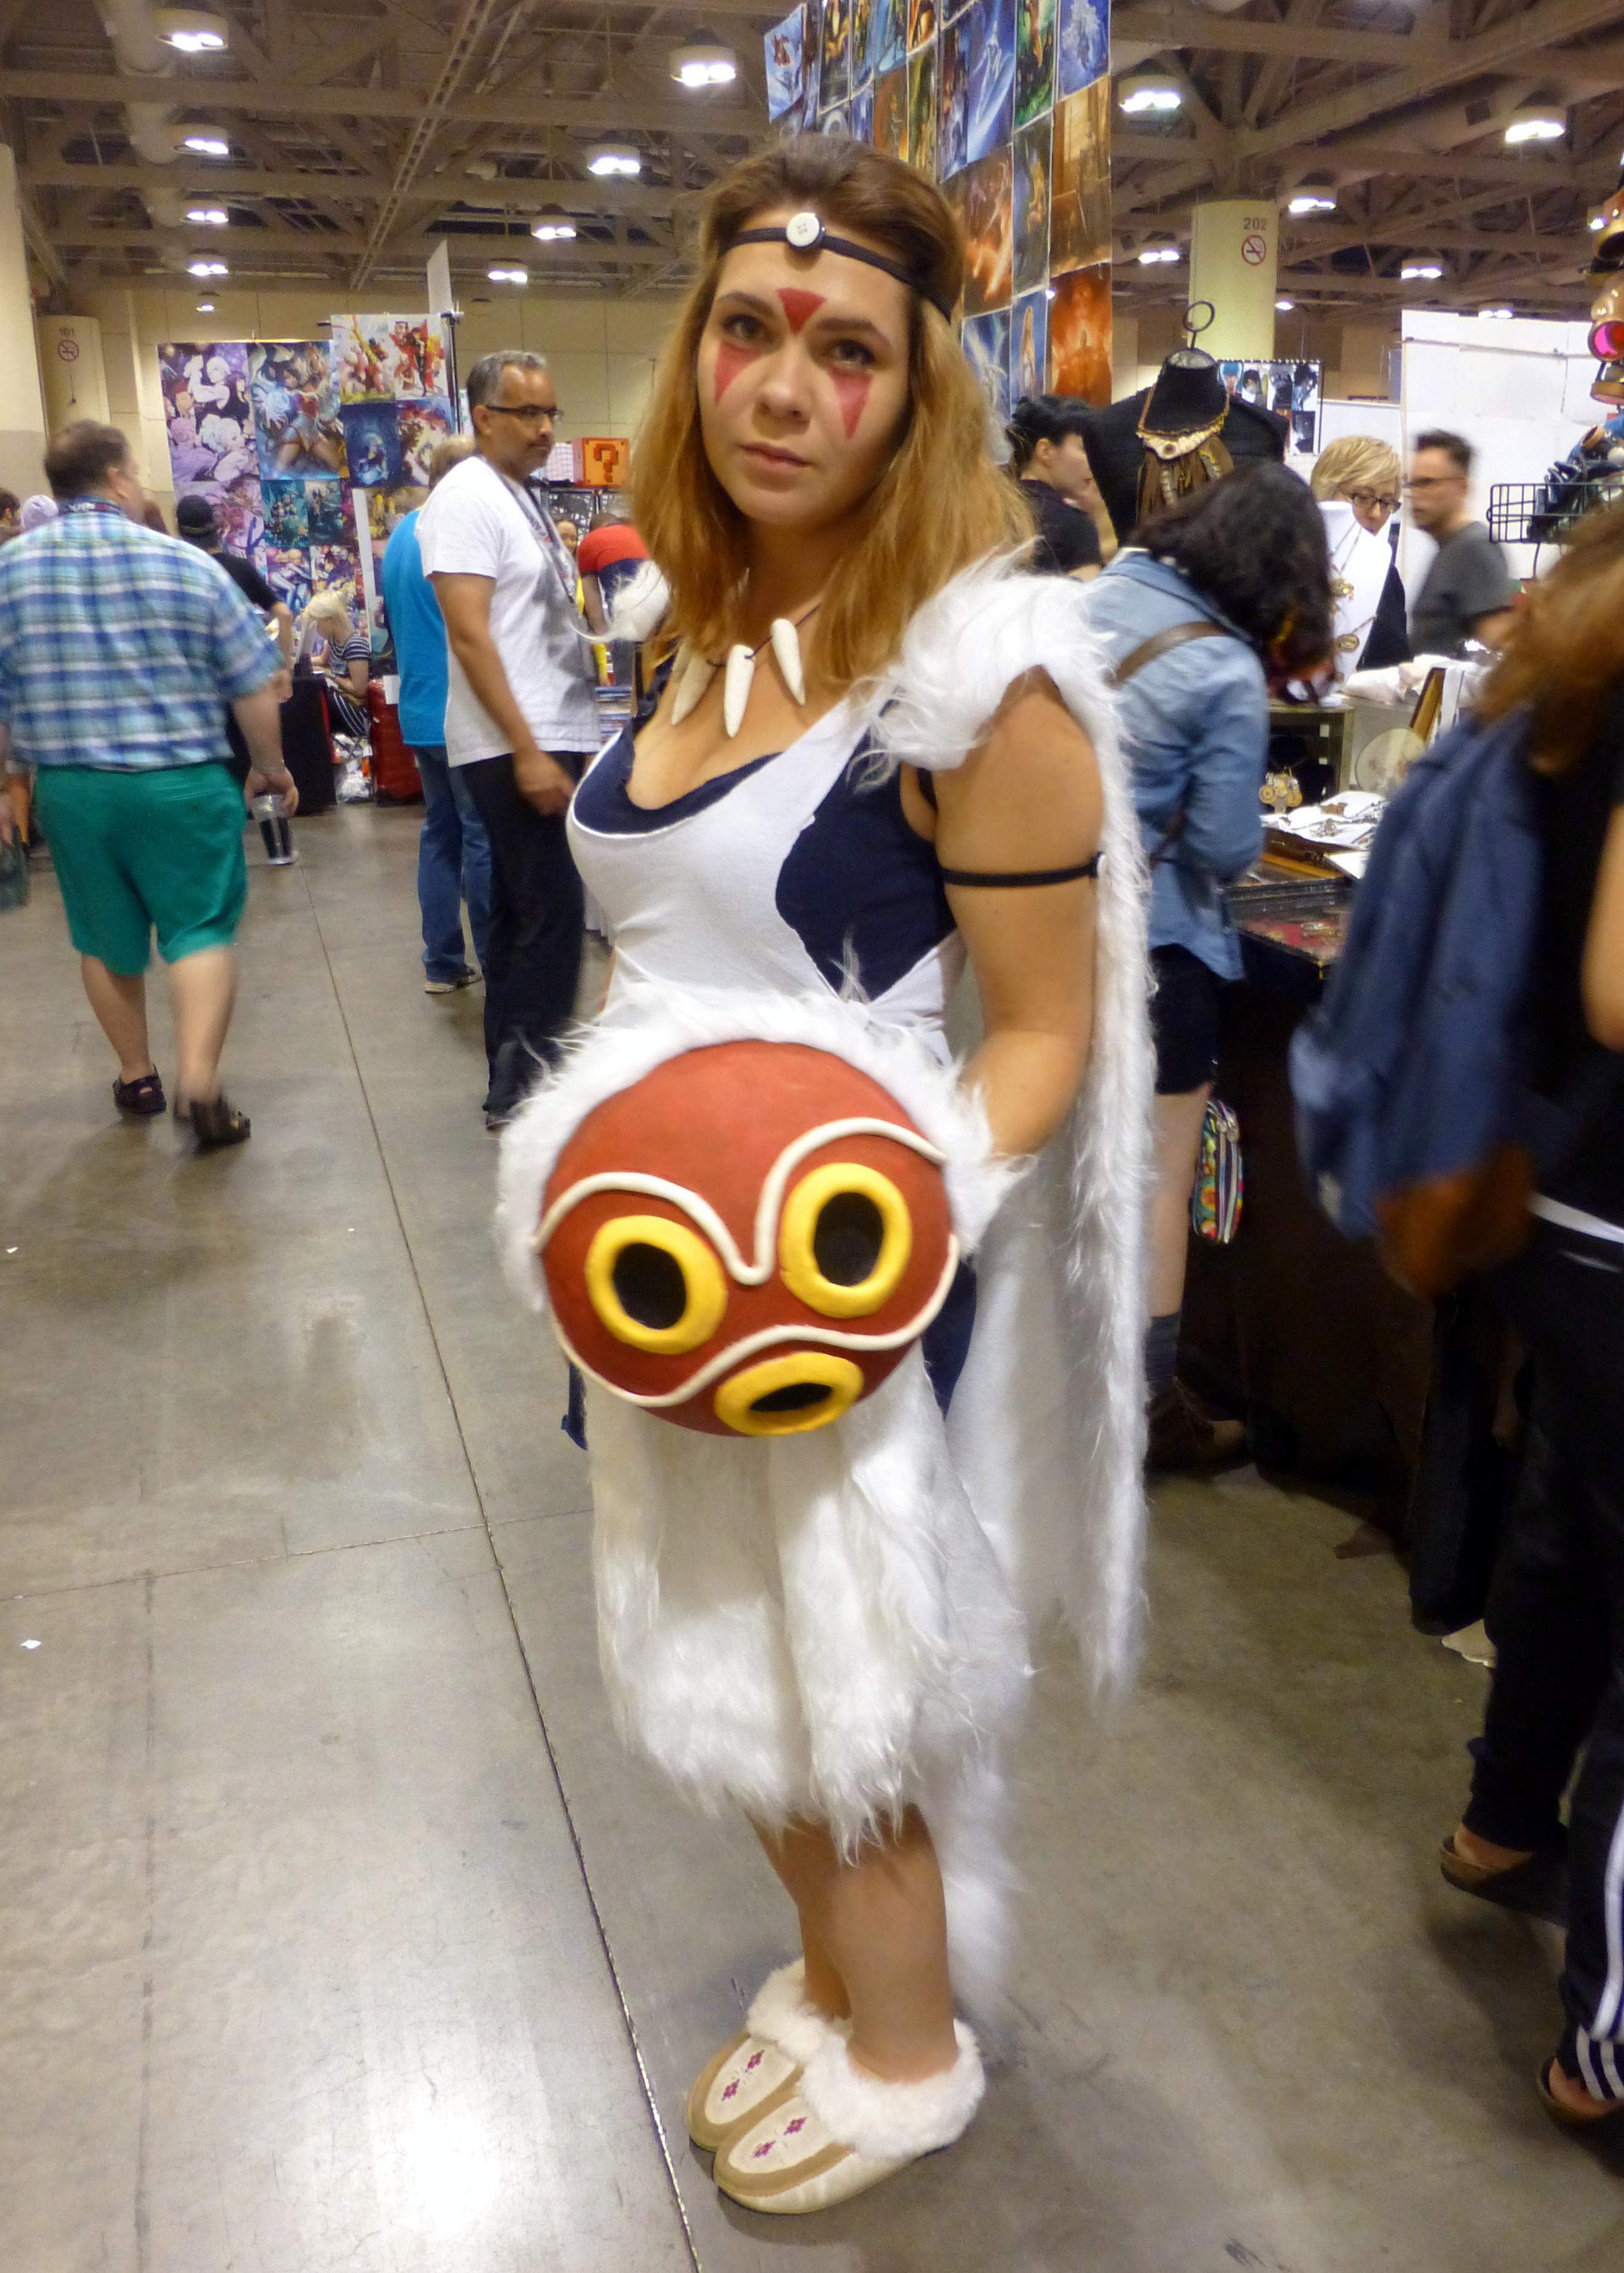 FileFan Expo 2015 - Princess Mononoke (21145481384).jpg  sc 1 st  Wikimedia Commons & File:Fan Expo 2015 - Princess Mononoke (21145481384).jpg - Wikimedia ...